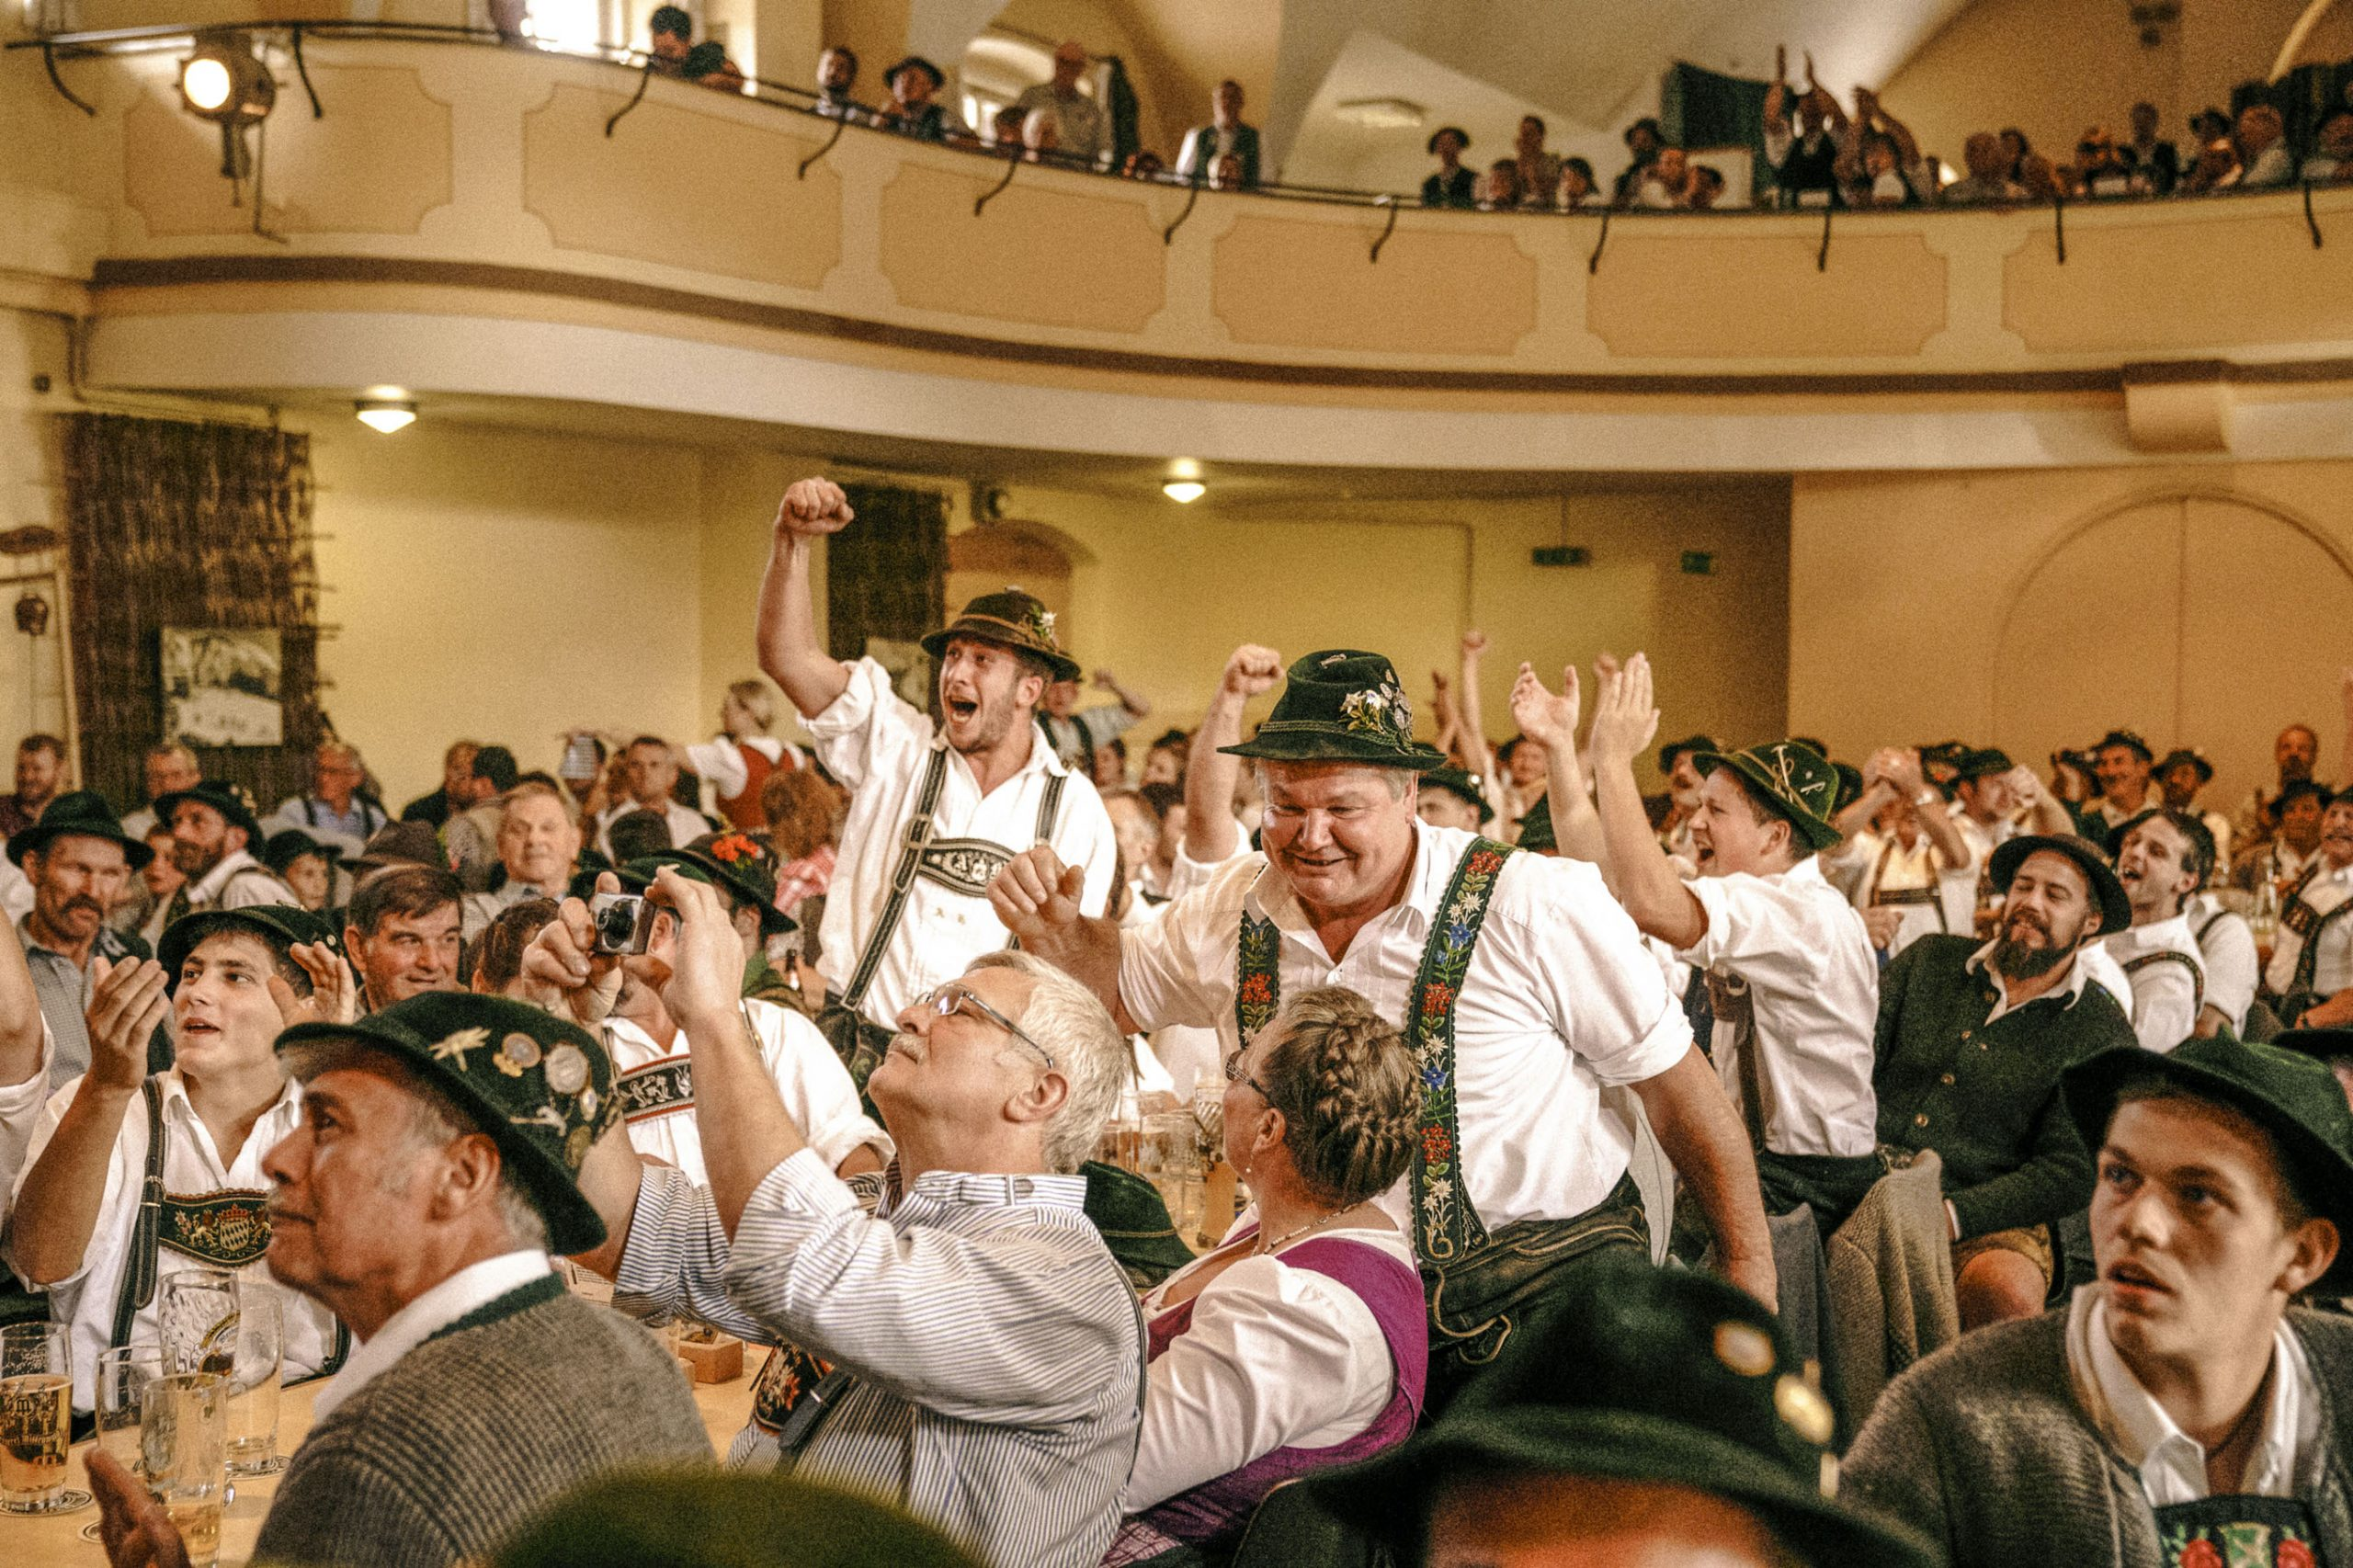 Jubelndes Publikum beim Fingerhakeln.